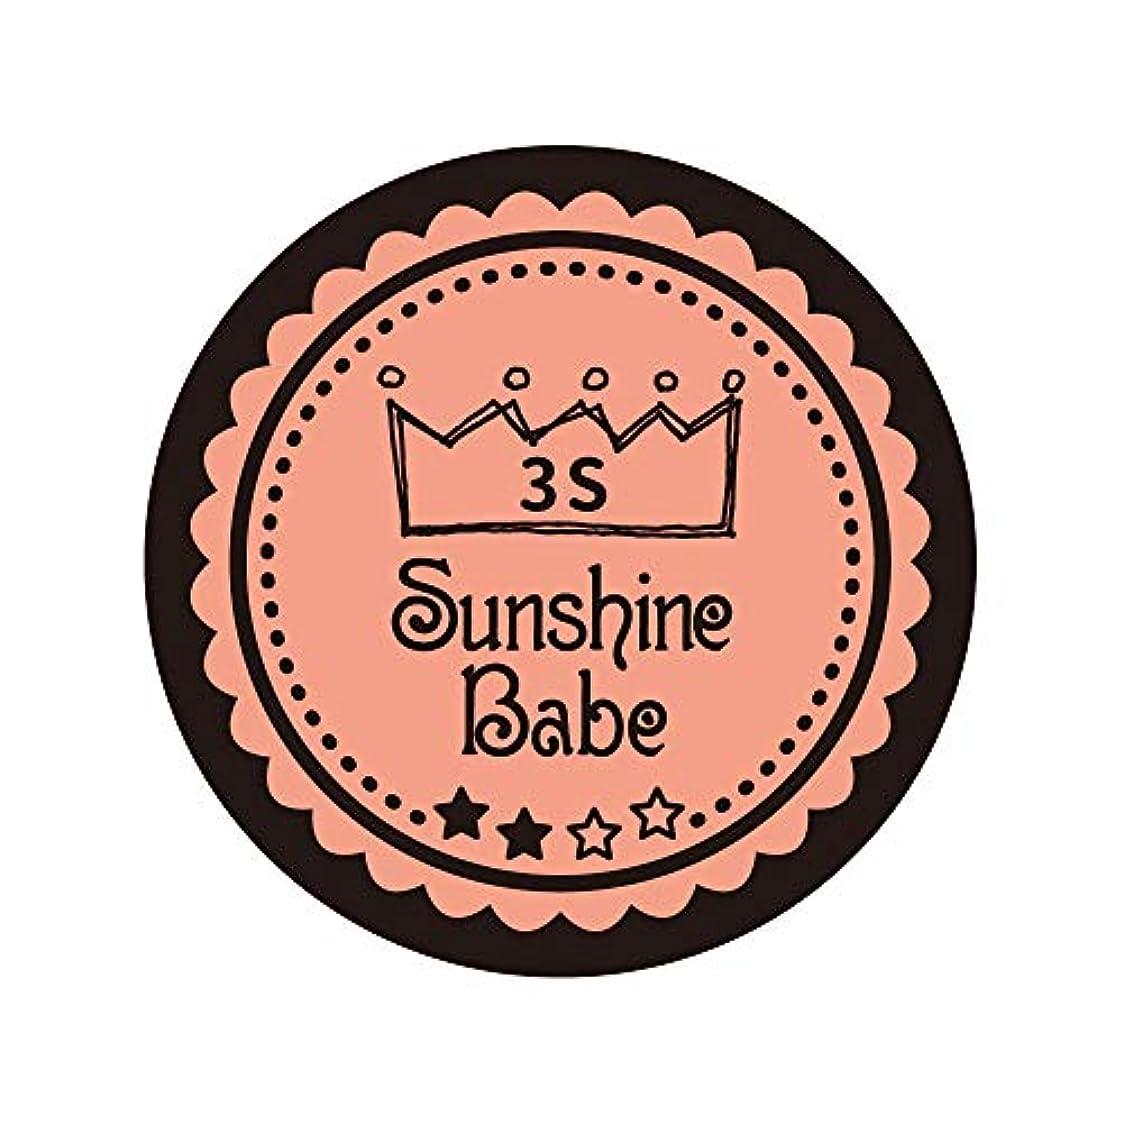 セグメントナプキン止まるSunshine Babe カラージェル 3S ブルーミングダリア 2.7g UV/LED対応